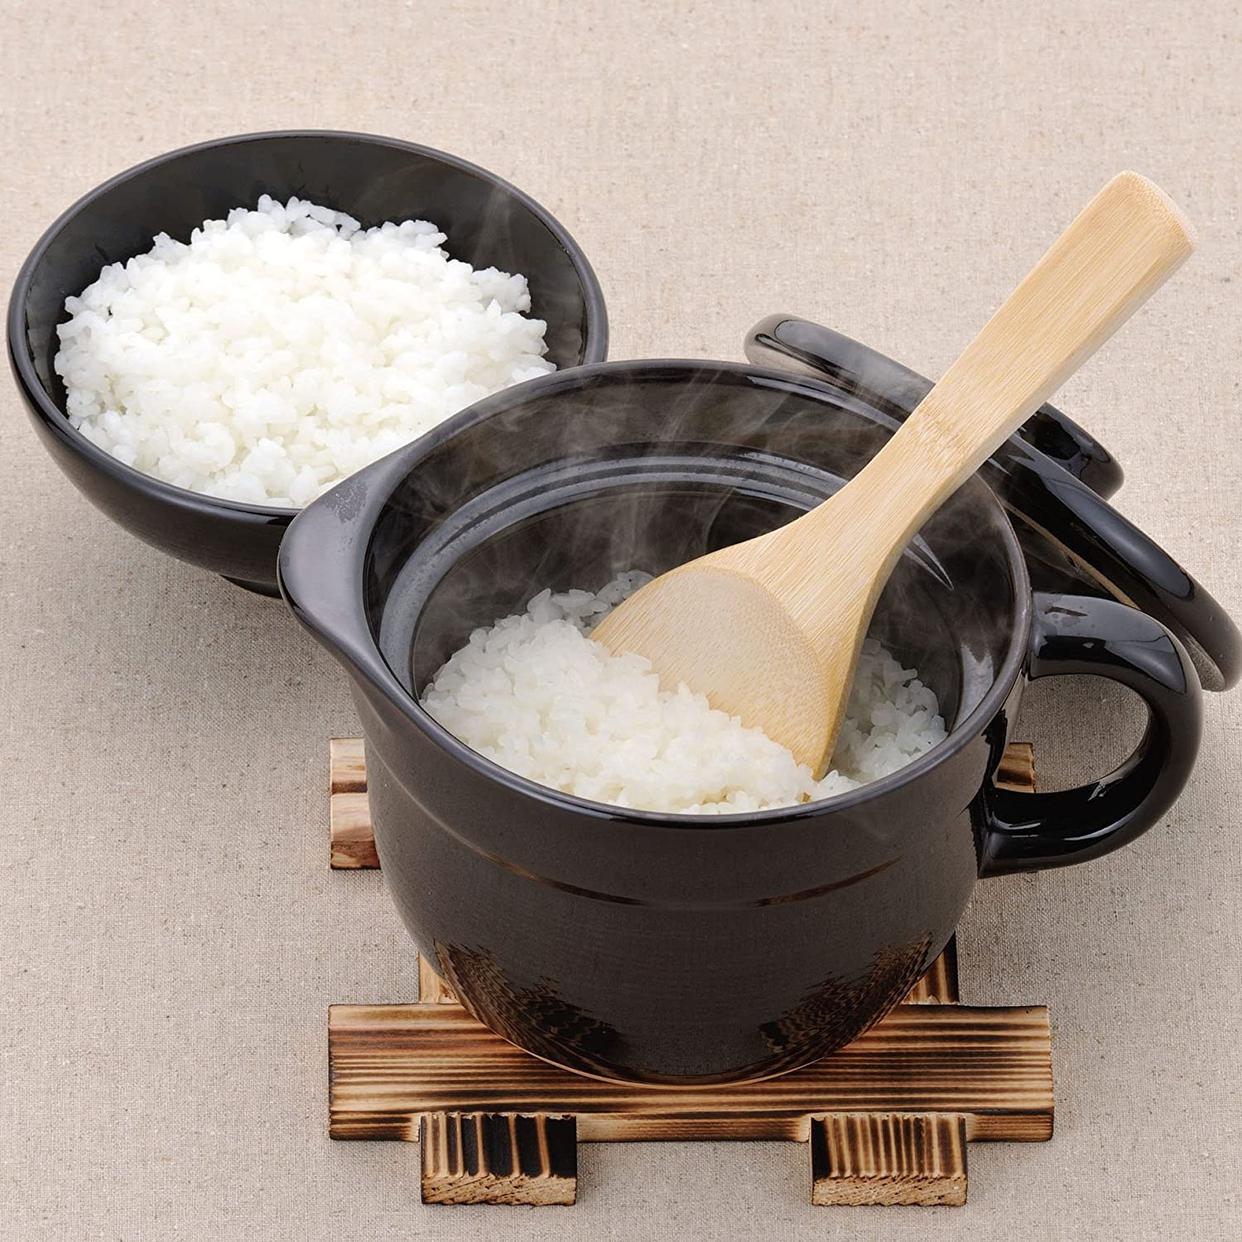 和平フレイズ(FREIZ) おもてなし和食 炊飯土鍋 OR-7109の商品画像2